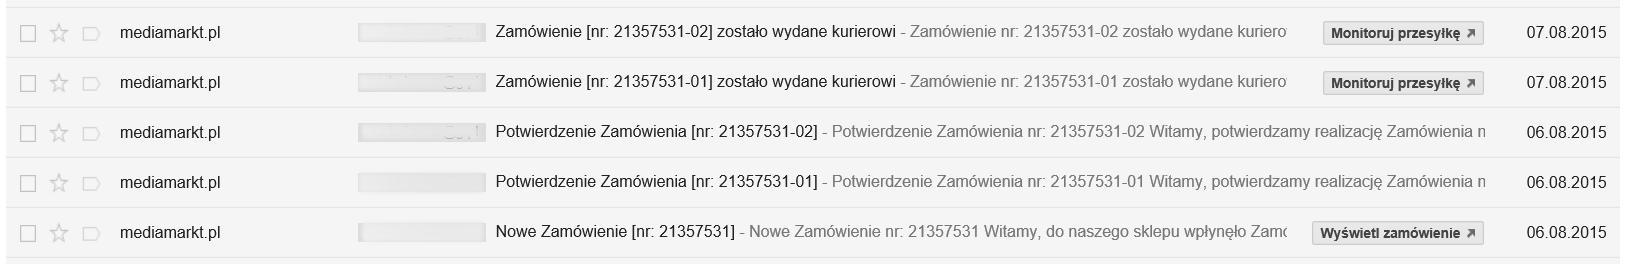 Jak zaprojektować system wysyłki e-maili, by nie dublował informacji i nie spamował poczty klienta.